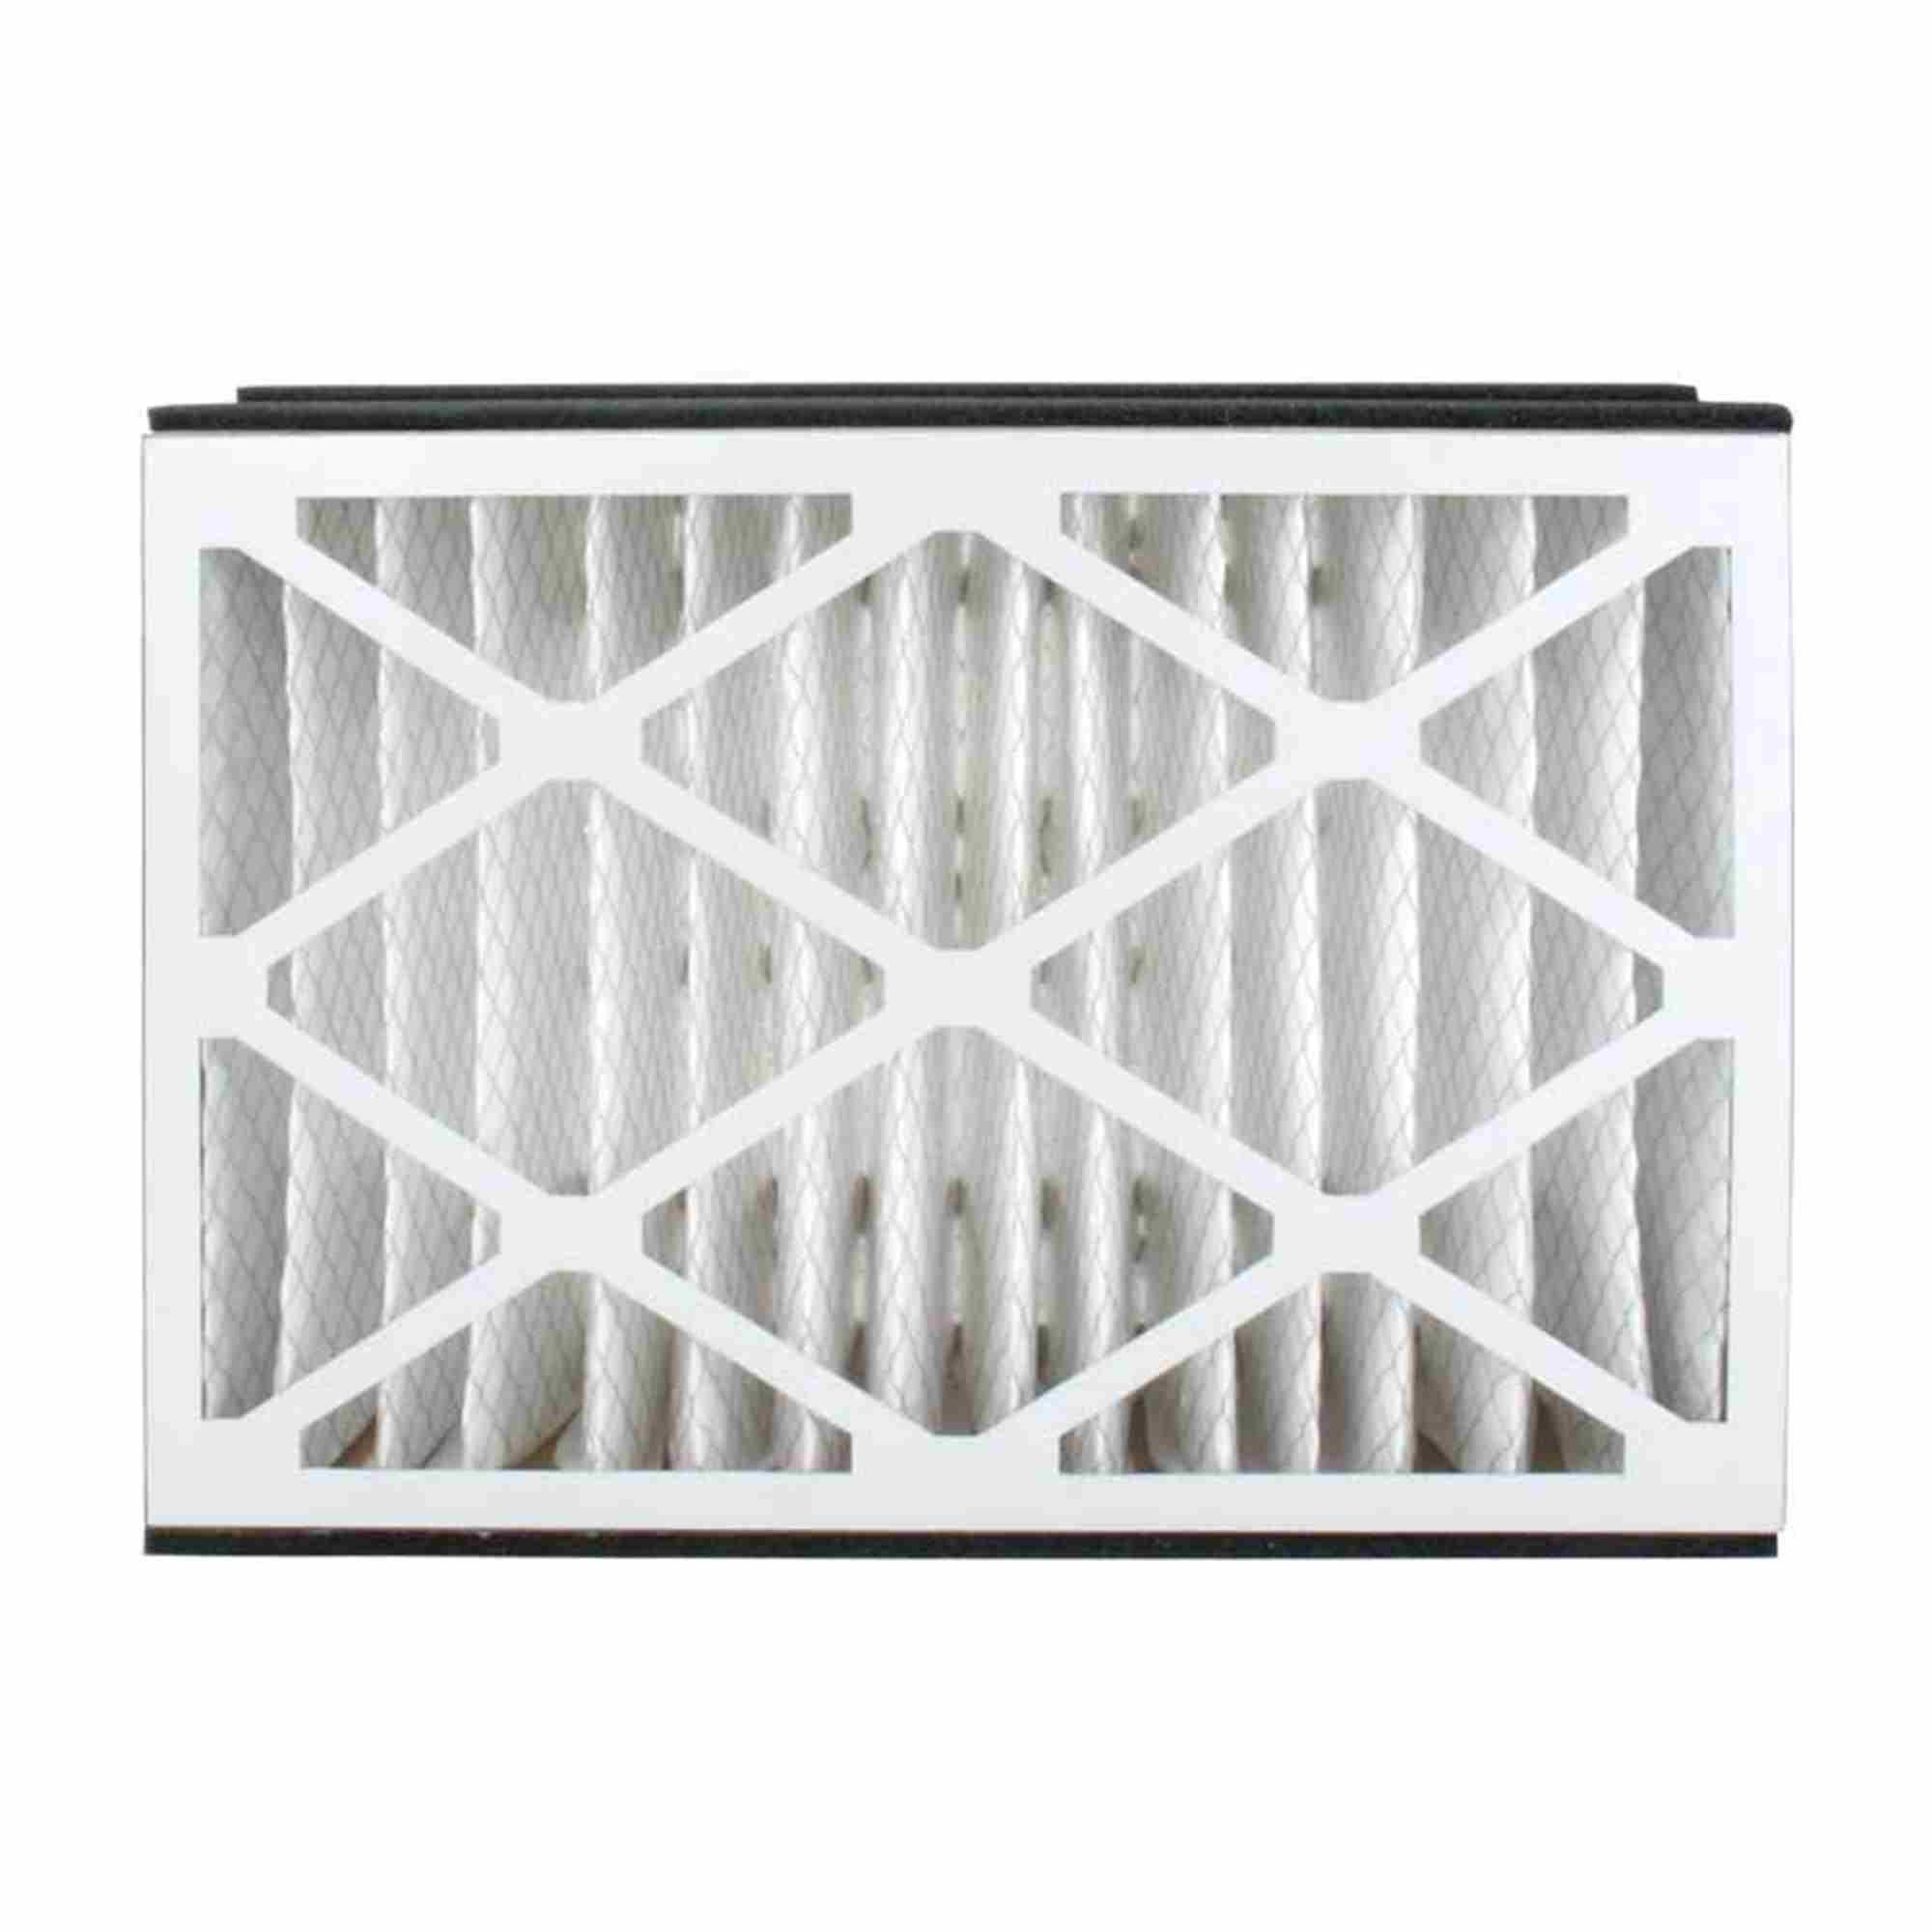 3 X Trion Air Bear 255649-105 - Pleated Furnace Air Filter 16''x25''x5'' MERV 8 by Trion